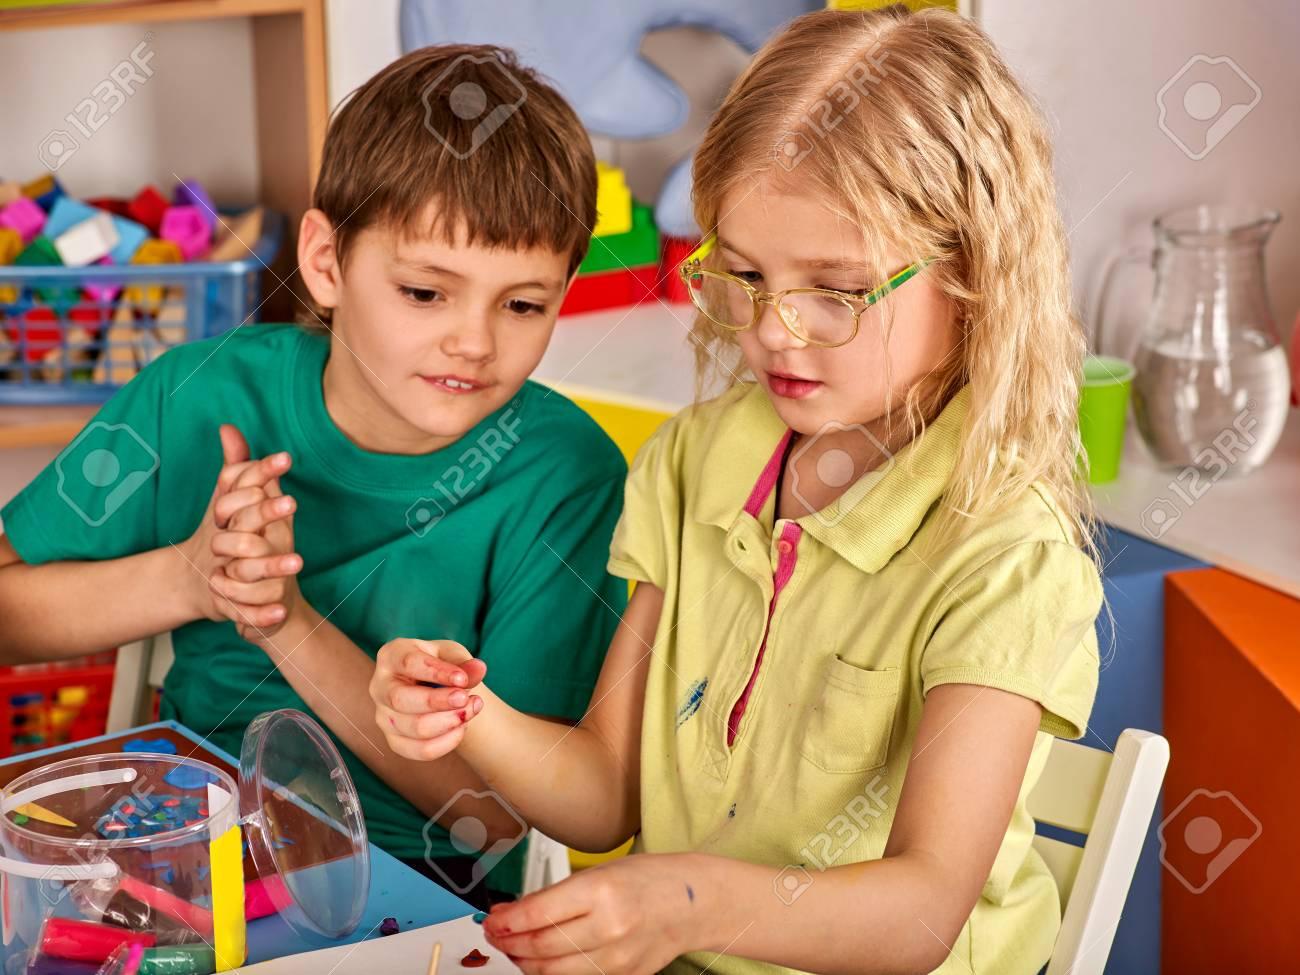 Plastilina Plastilina En La Clase De Los Niños. Los Niños Juntos ...